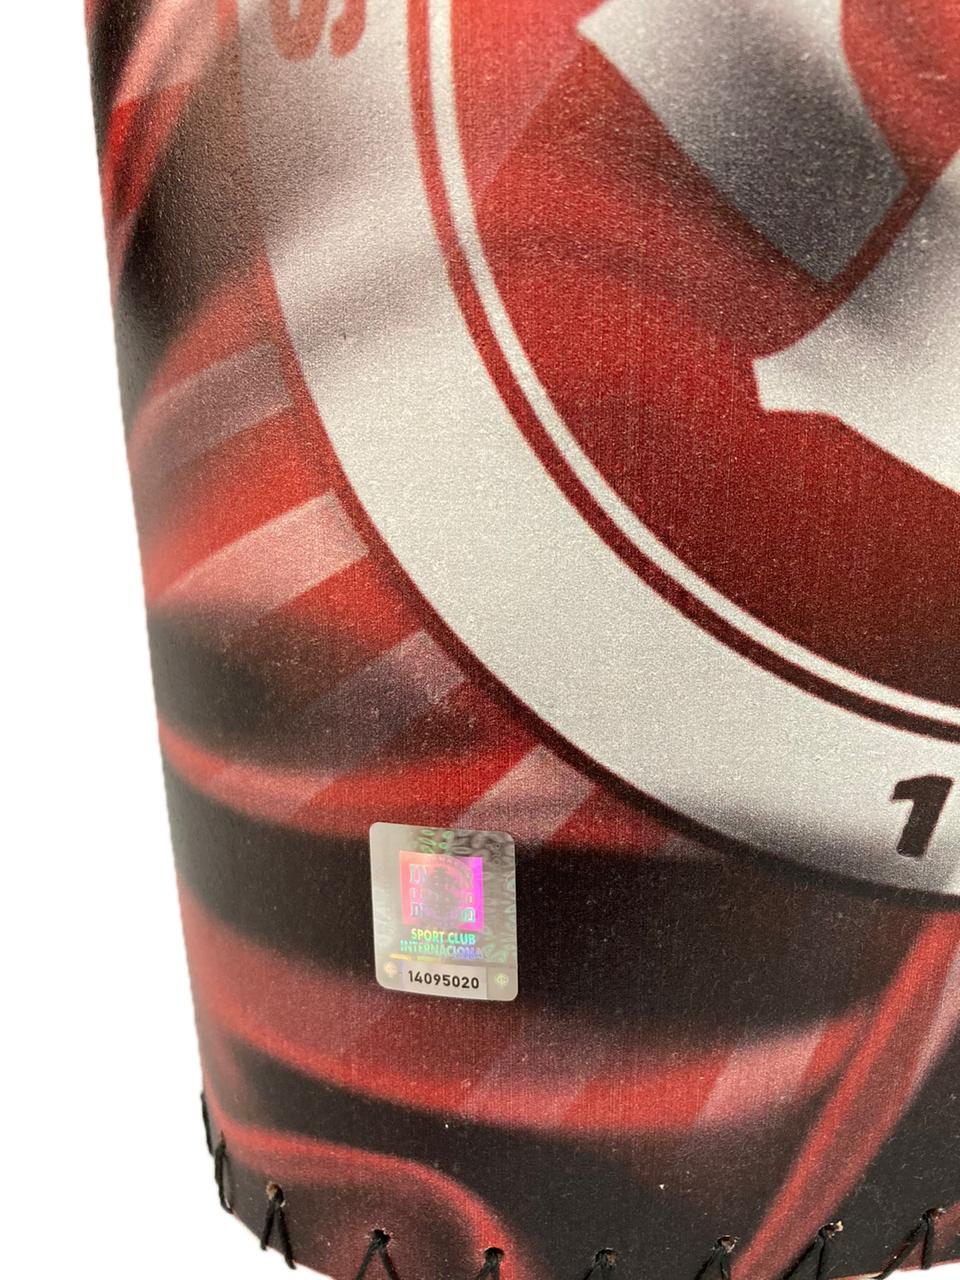 Mateira Chimarrão 1 Litro Internacional Bandeira Oficial 1 Litro e acessórios